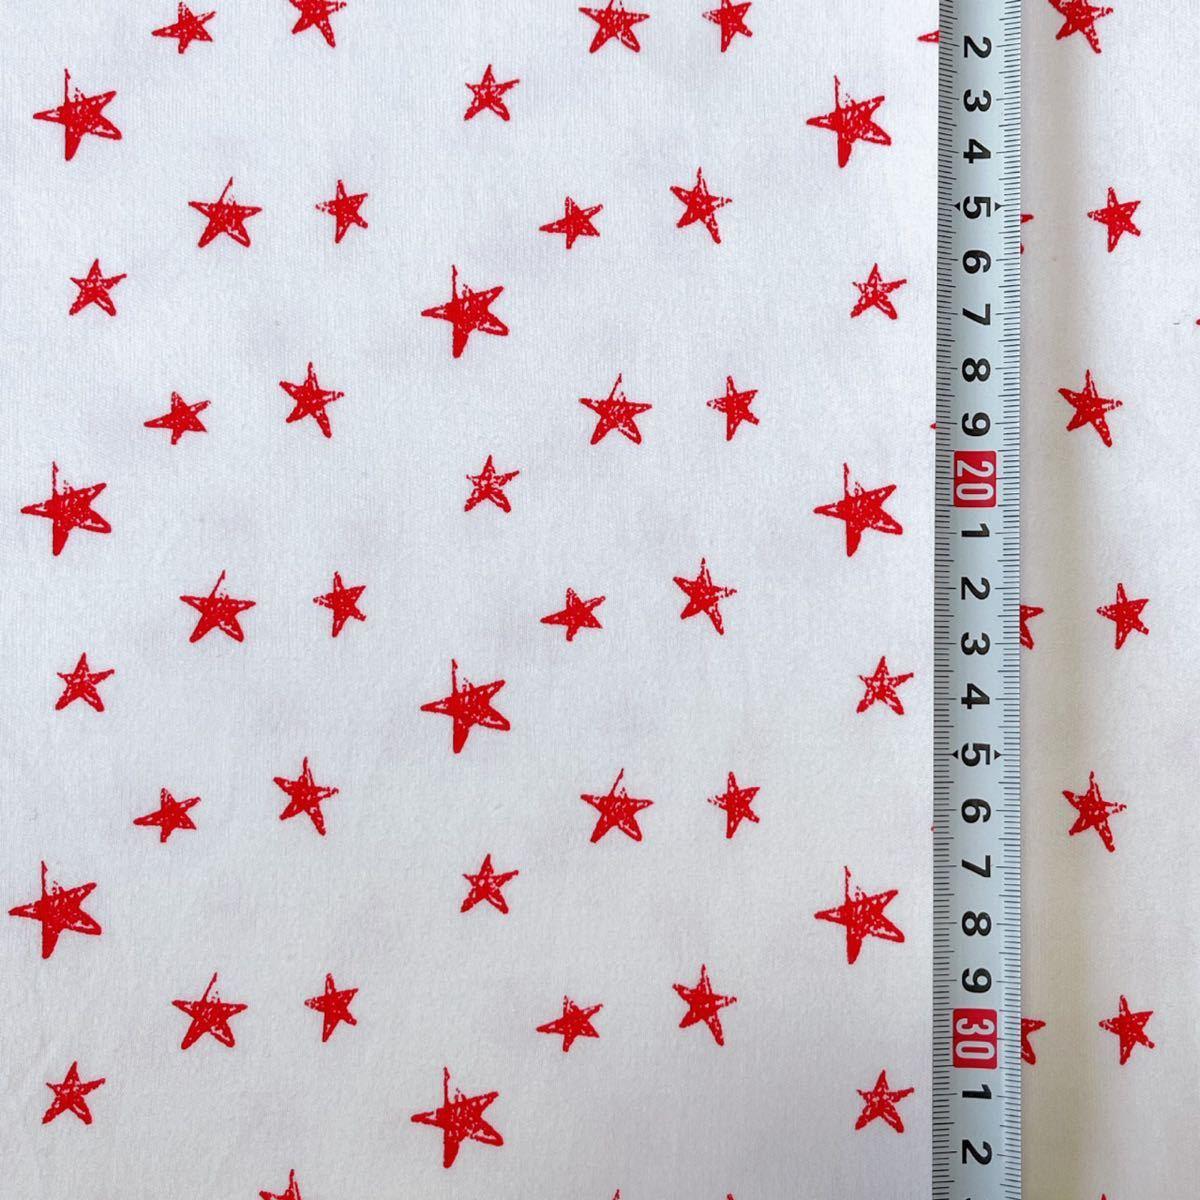 スムースニット 170×80cm オフホワイトニット生地 ハンドメイド ハギレ 犬服 星 赤 スター カジュアル 手書き風 生地 0429